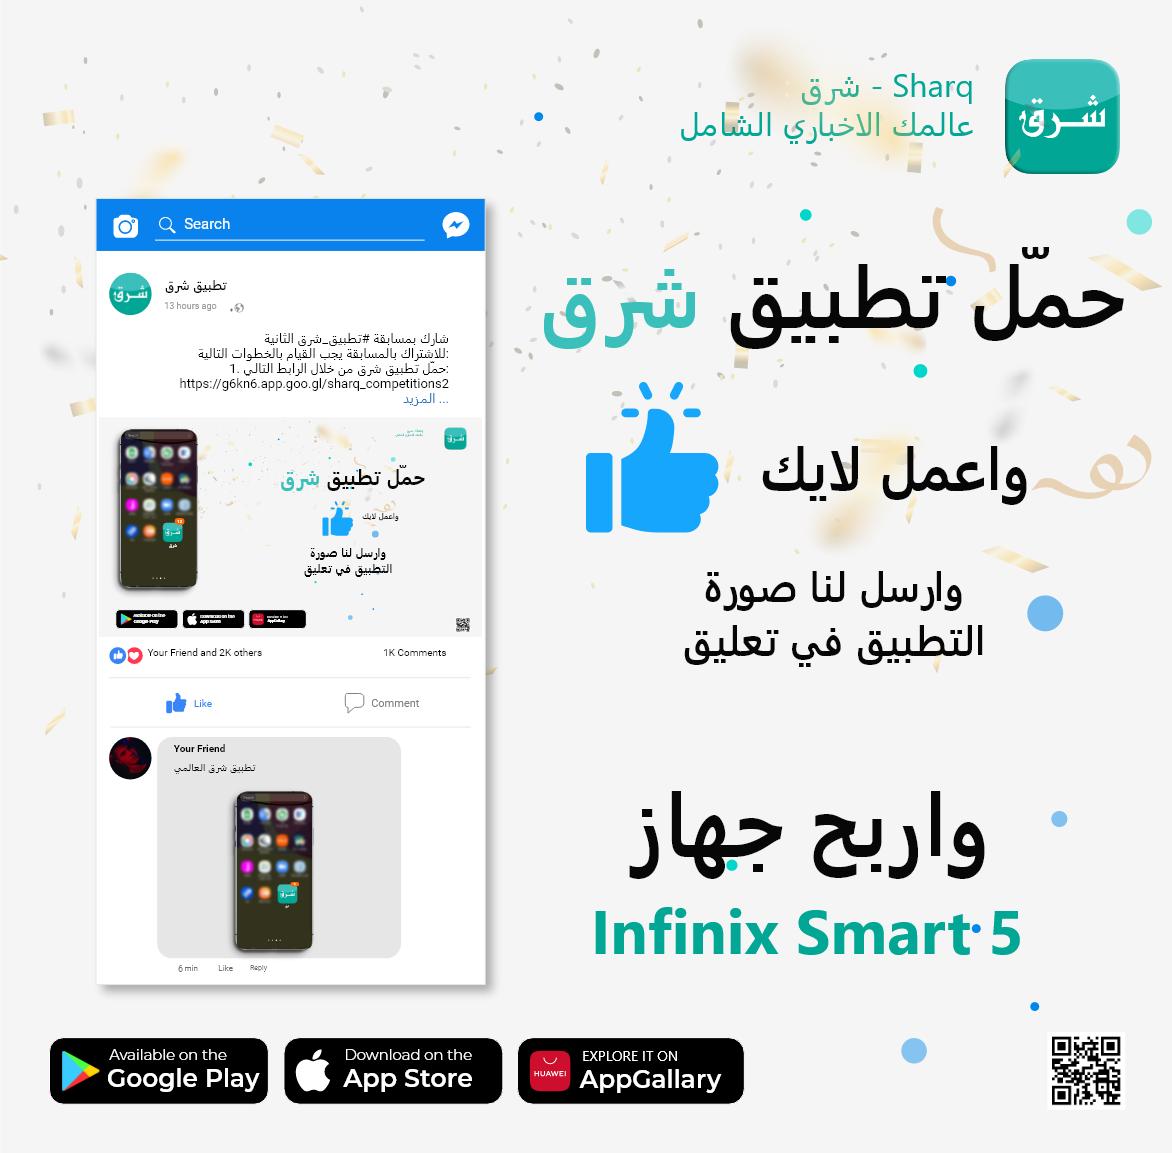 """ساعات قليلة تفصلنا عن إعلان الرابح لجهاز """"infinix smart 5"""" في مسابقة """"تطبيق شرق"""" الأسبوعية الثانية"""